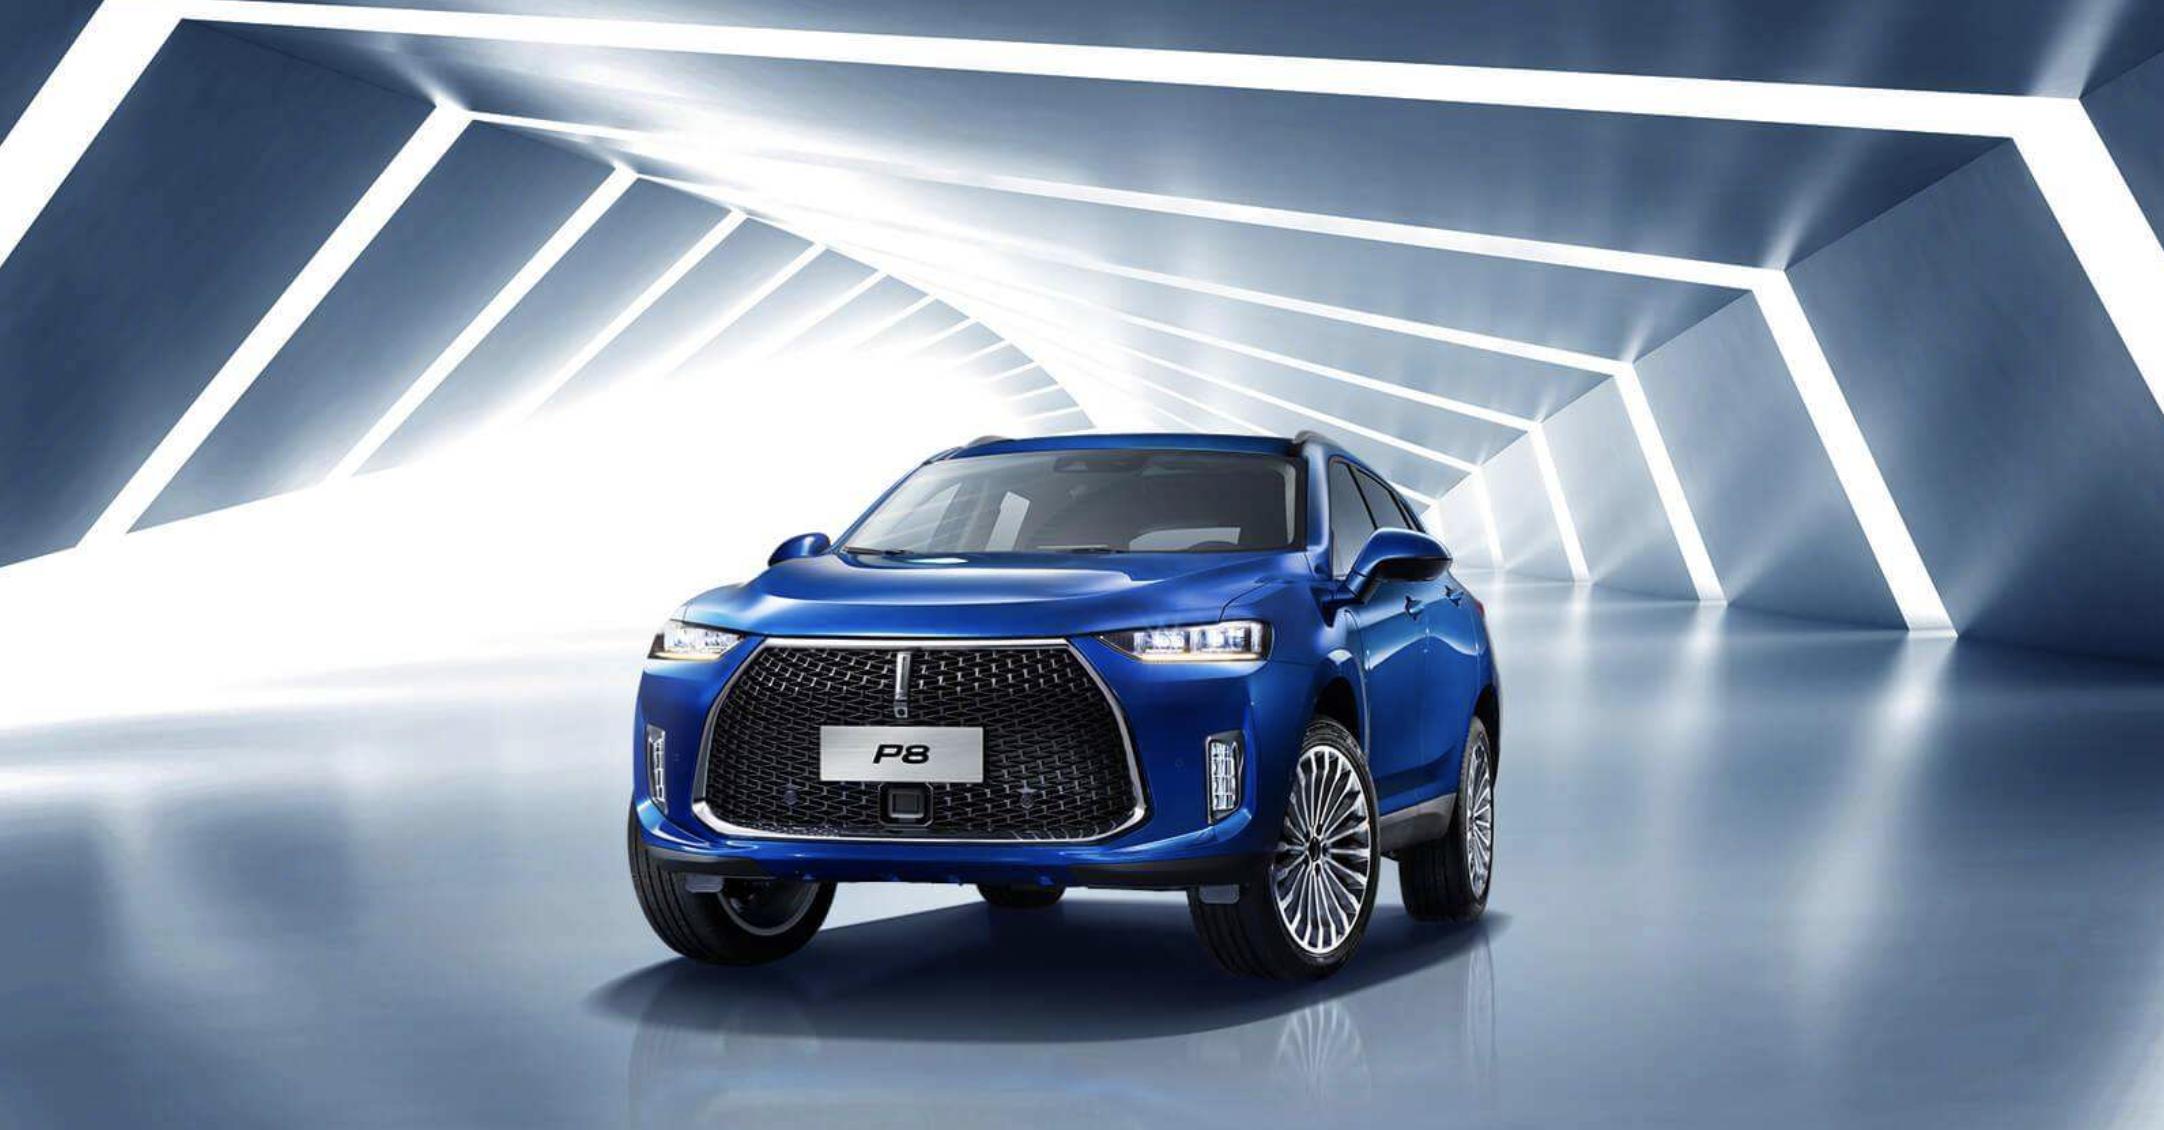 长城汽车王凤英提倡加快解决氢燃料电池汽车发展瓶颈